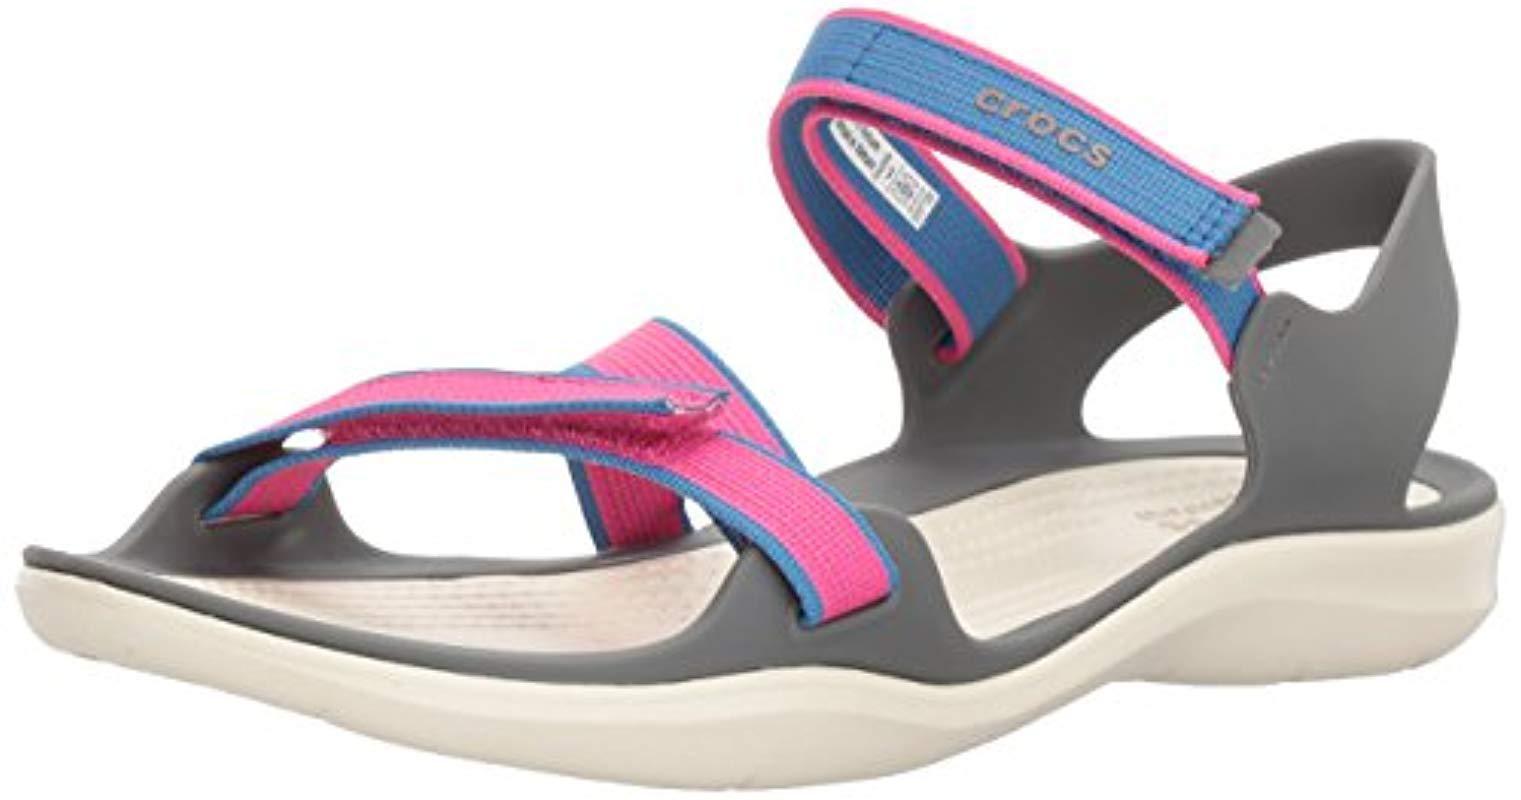 3e63a9bde907 Lyst - Crocs™ Swiftwater Webbing Sandal W Open Toe in Pink